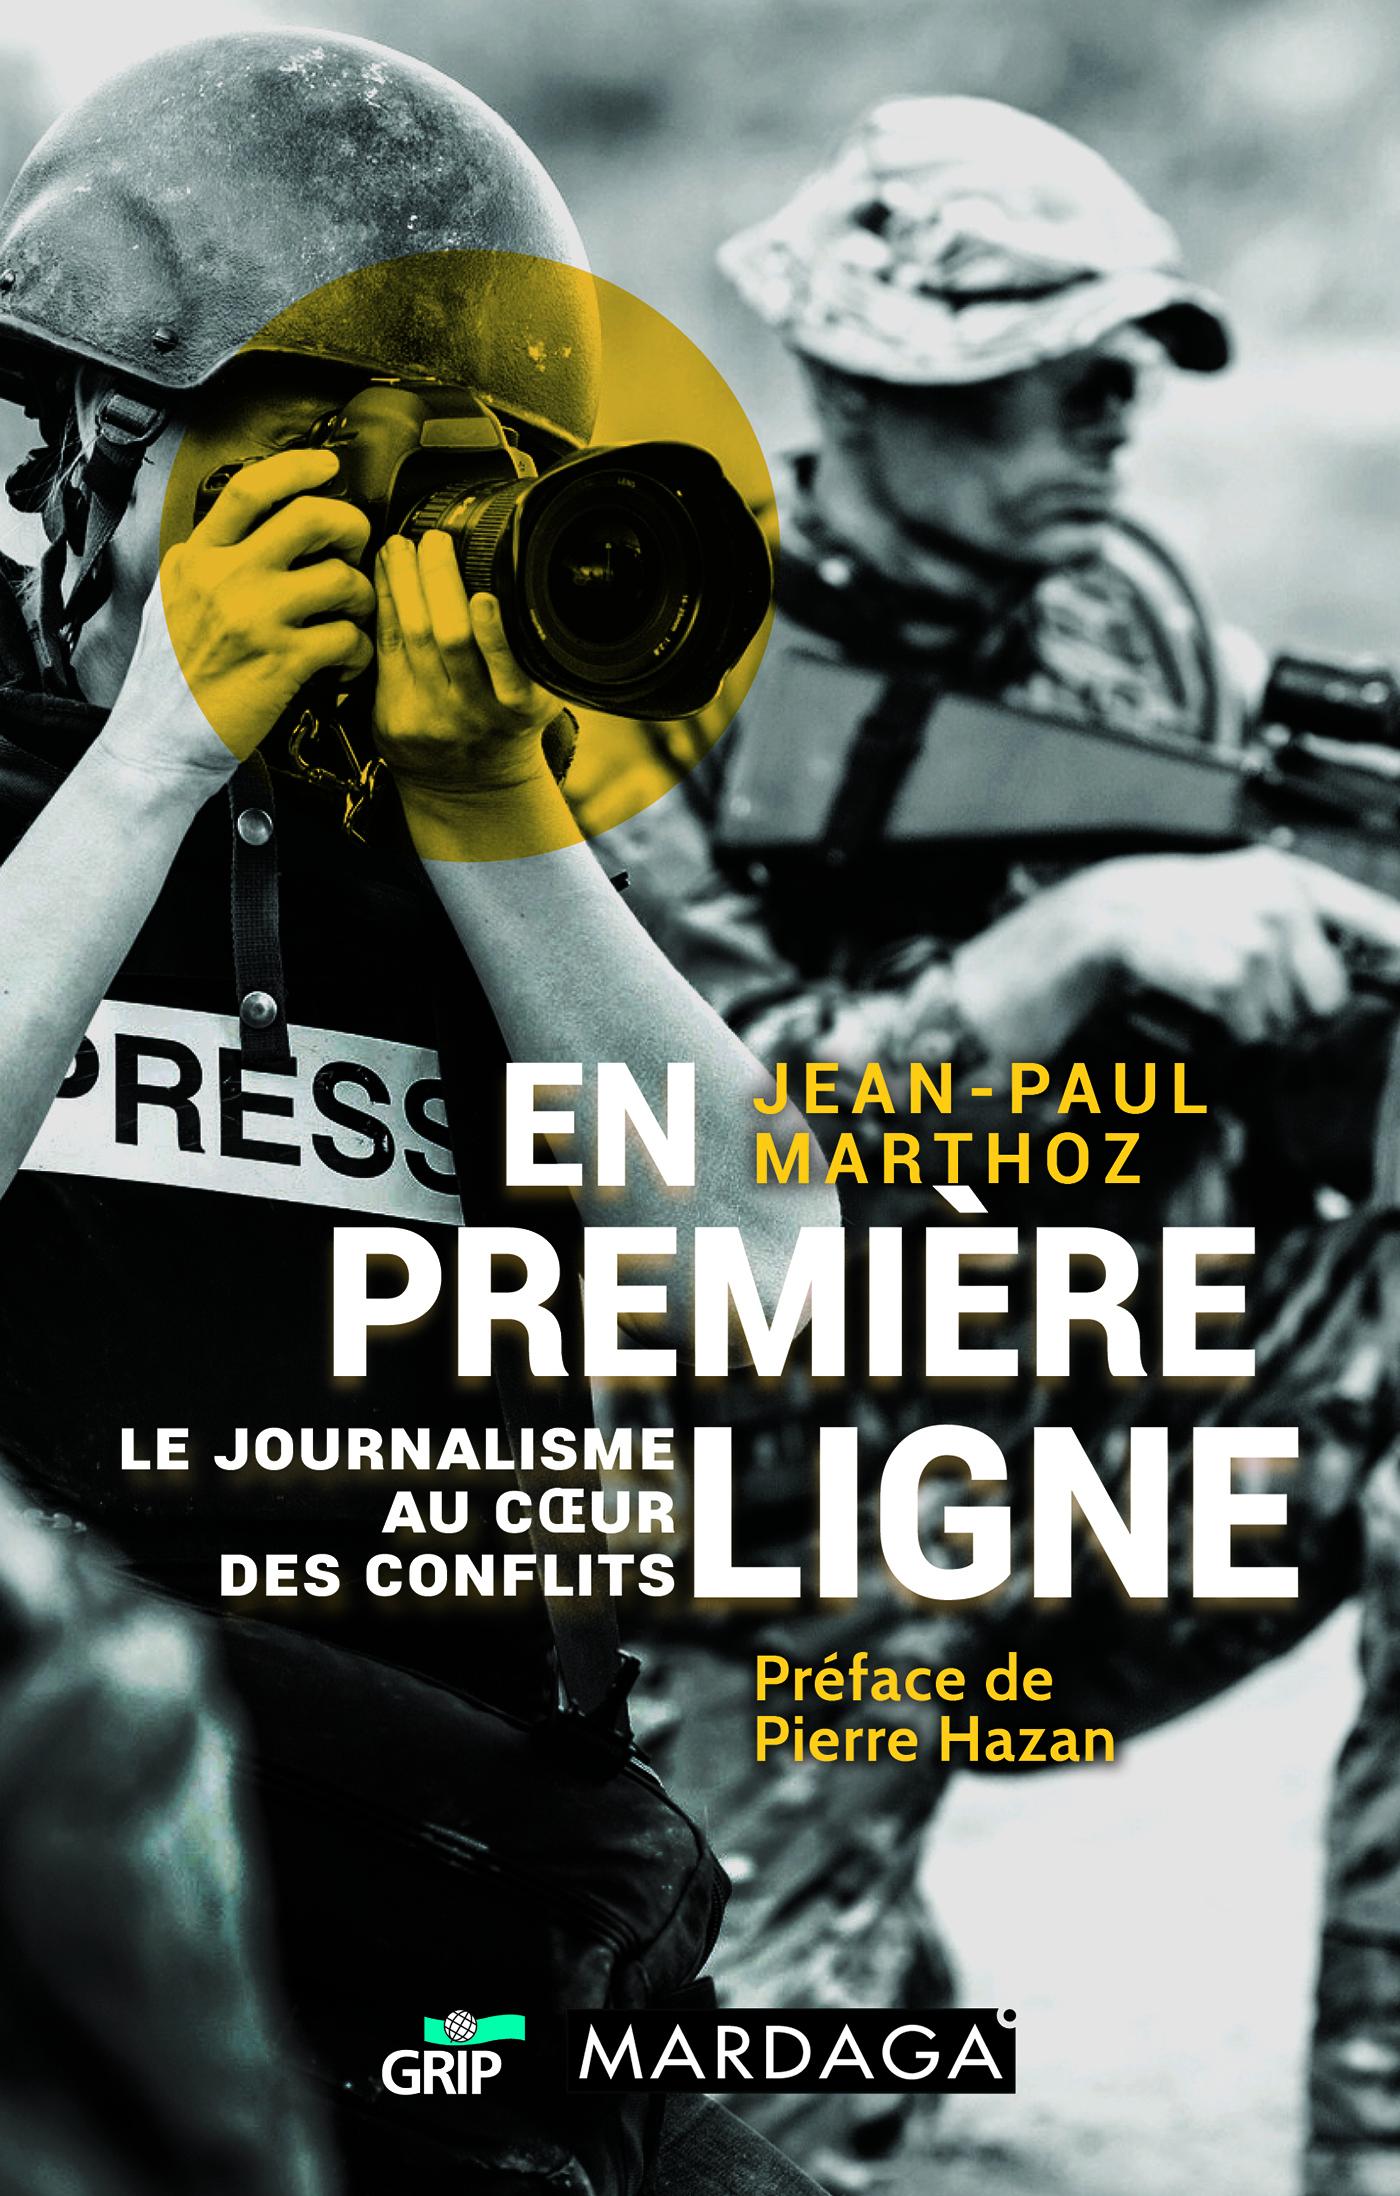 EN PREMIERE LIGNE - LE JOURNALISME AU COEUR DES CONFLITS